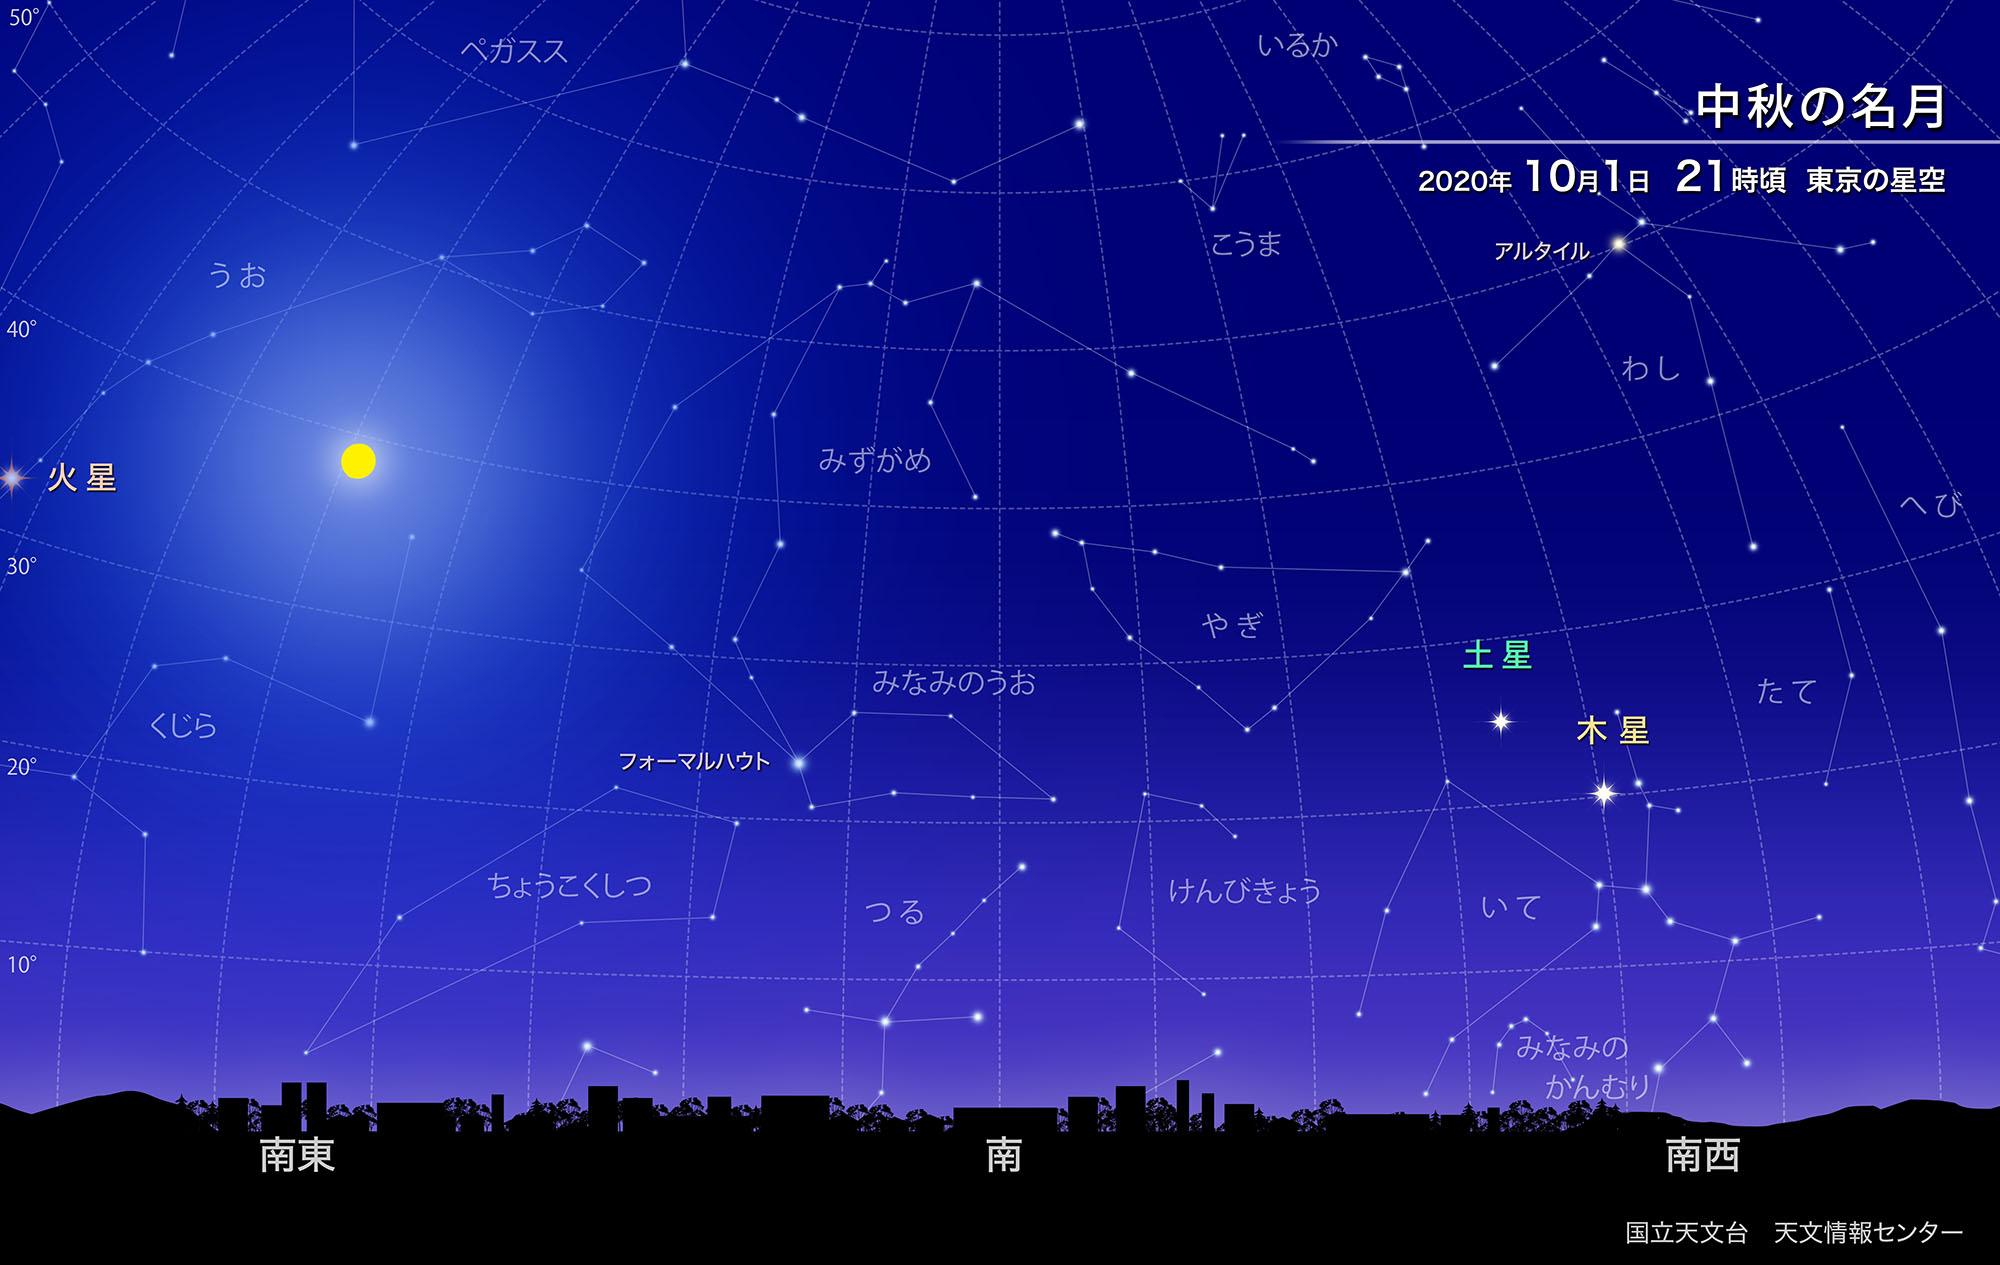 中秋の名月(2020年10月) | 国立天文台(NAOJ)